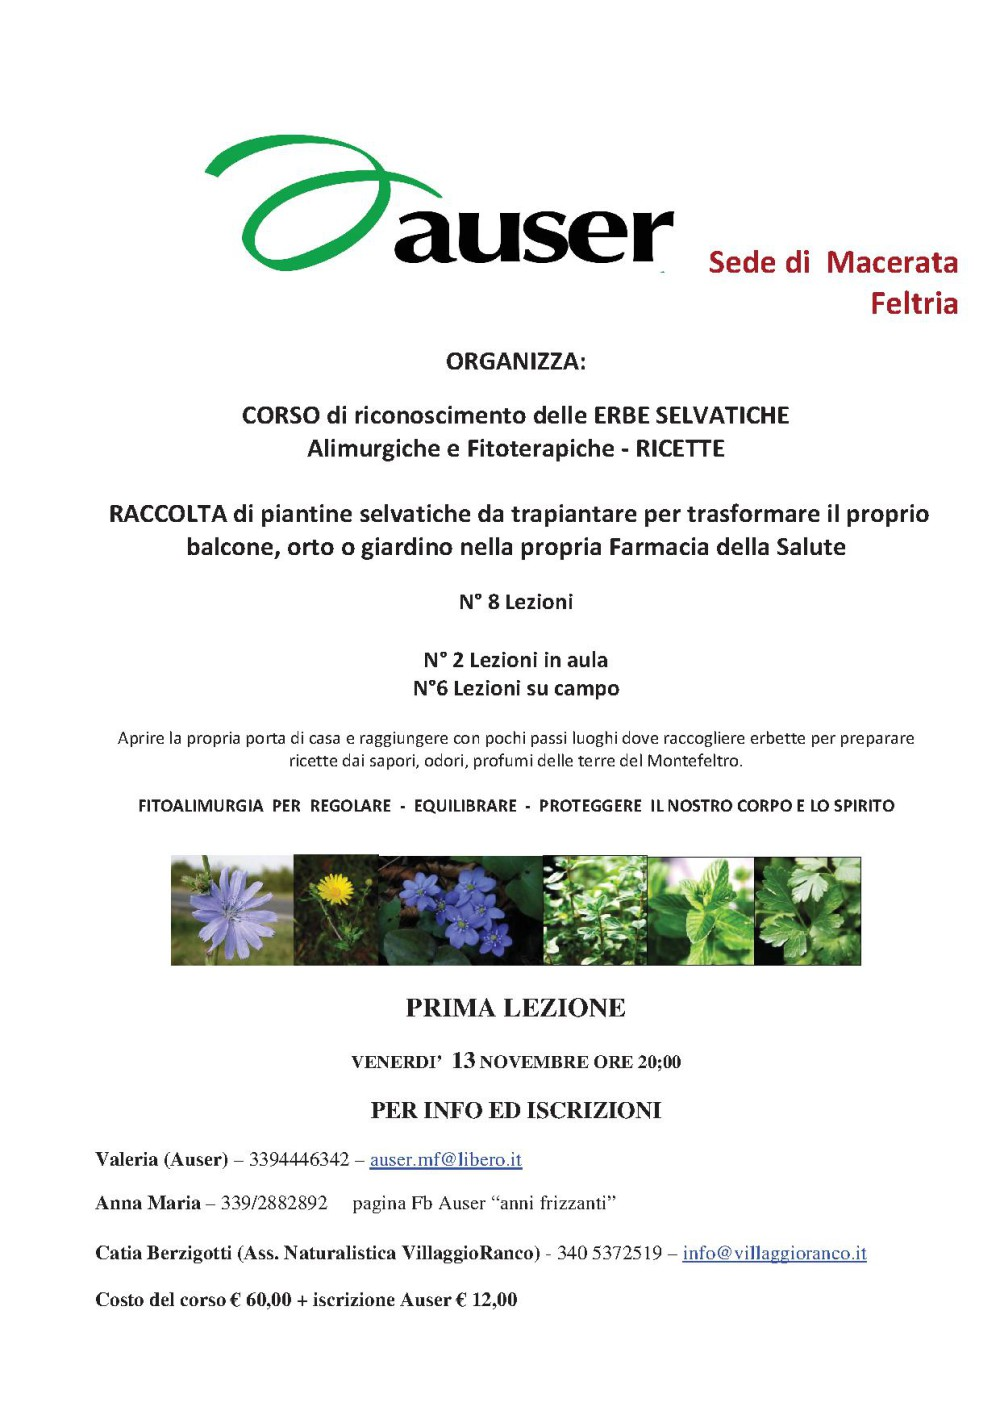 volantino 2° corso erbe alimurgiche pdf